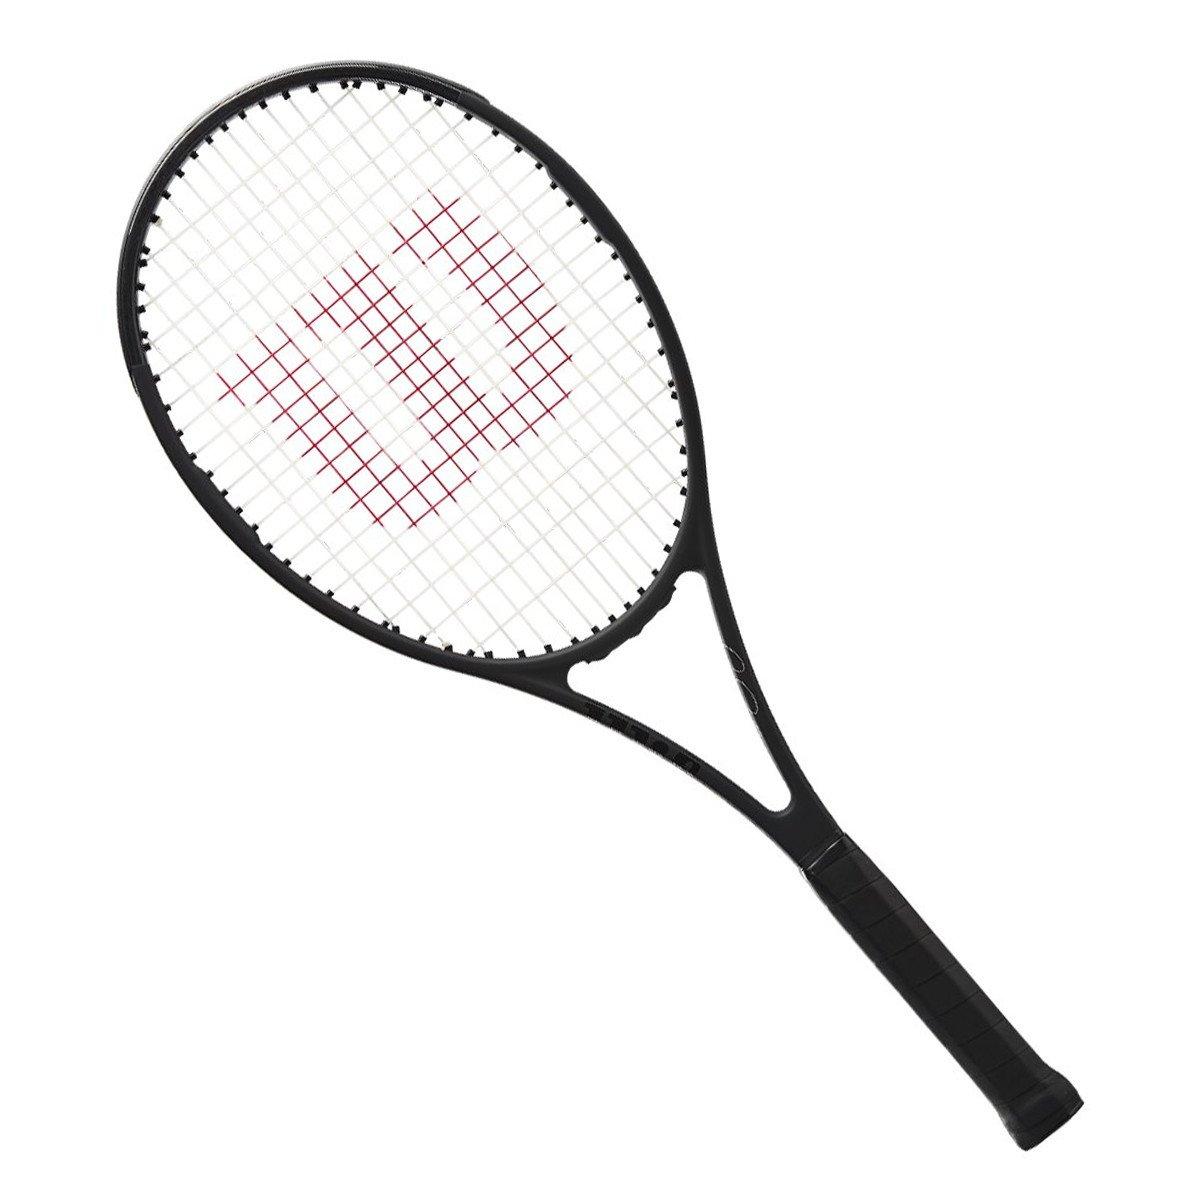 Raquete de Tênis Wilson Pro Staff 97L V13.0 L3